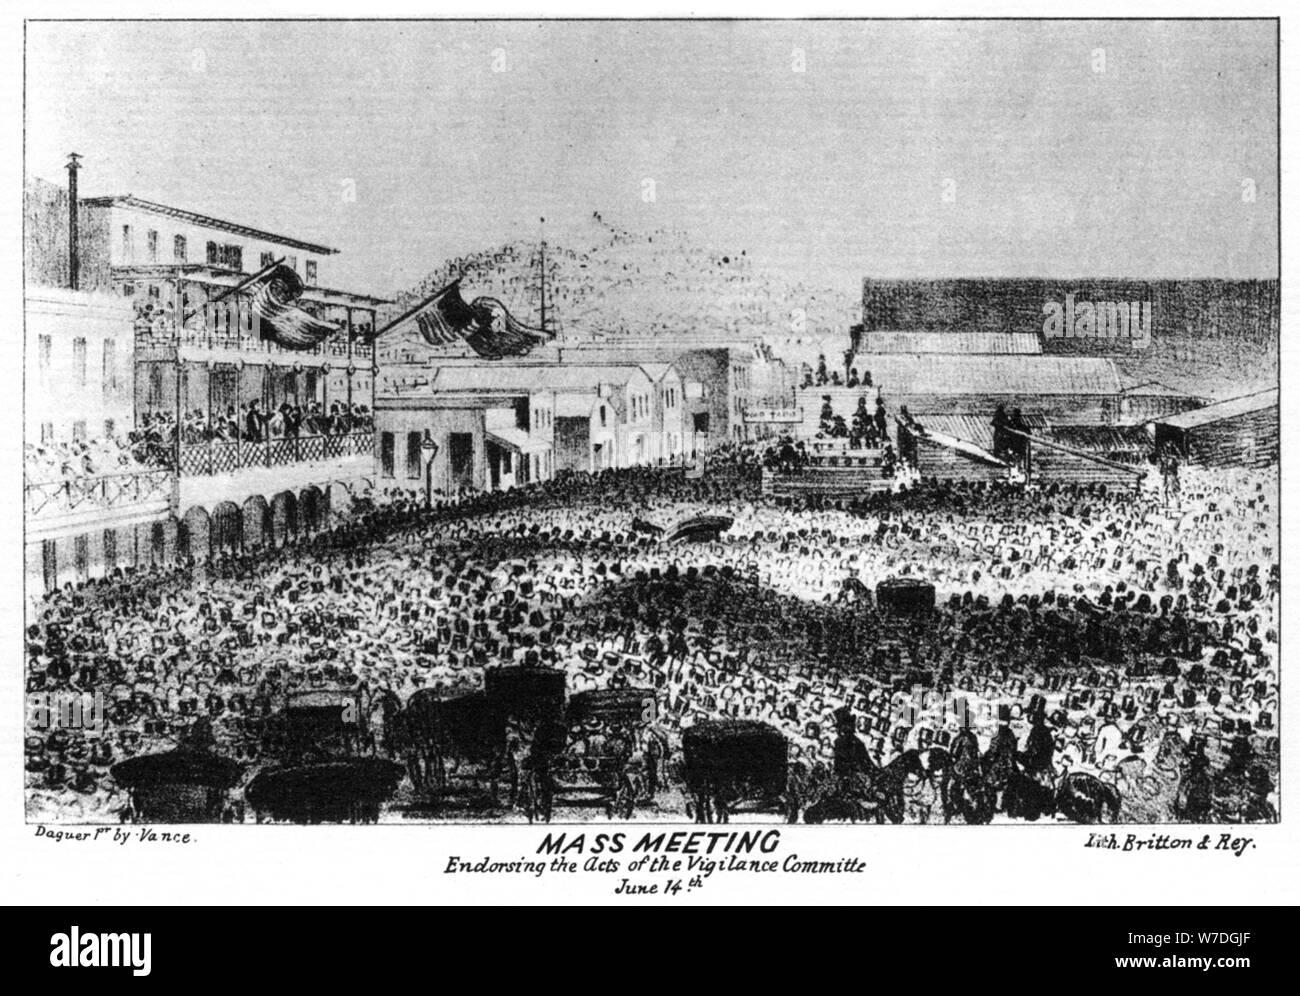 Un incontro di massa al di fuori di Fort vigili, Sacramento, California, 1856 (1937).Artista: Britton & Rey Foto Stock